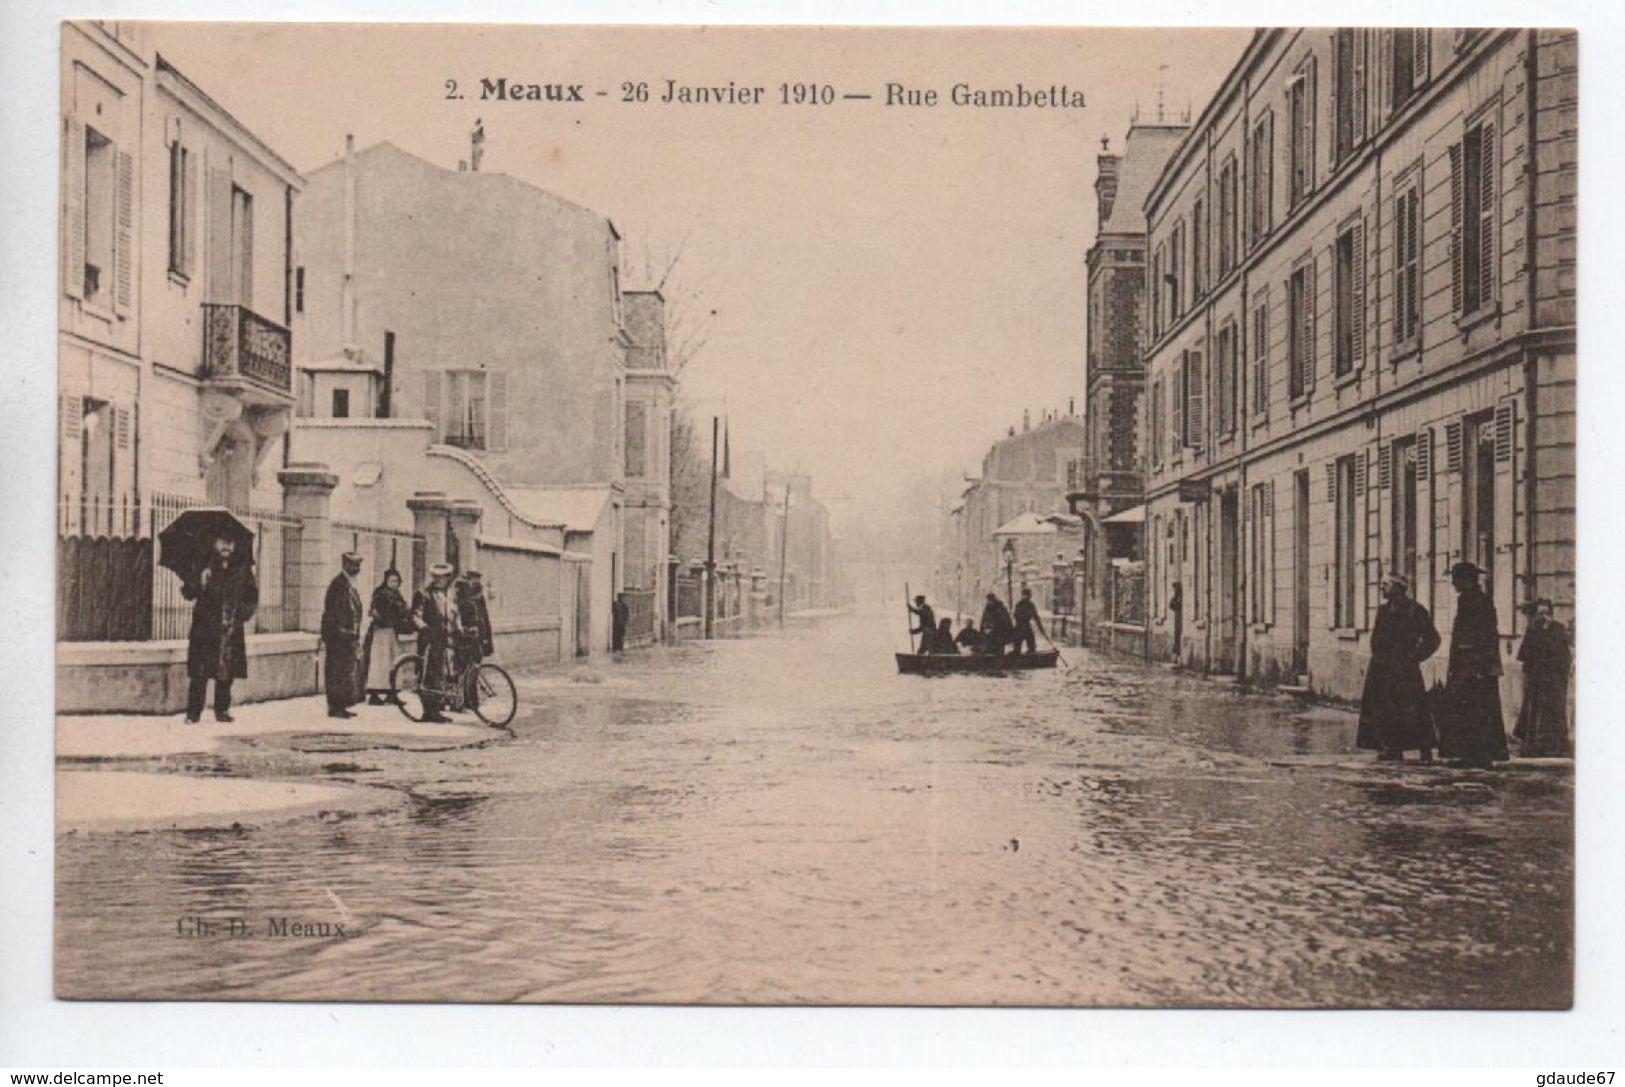 MEAUX (77) - INONDATION 26 JANVIER 1910 - RUE GAMBETTA - Meaux